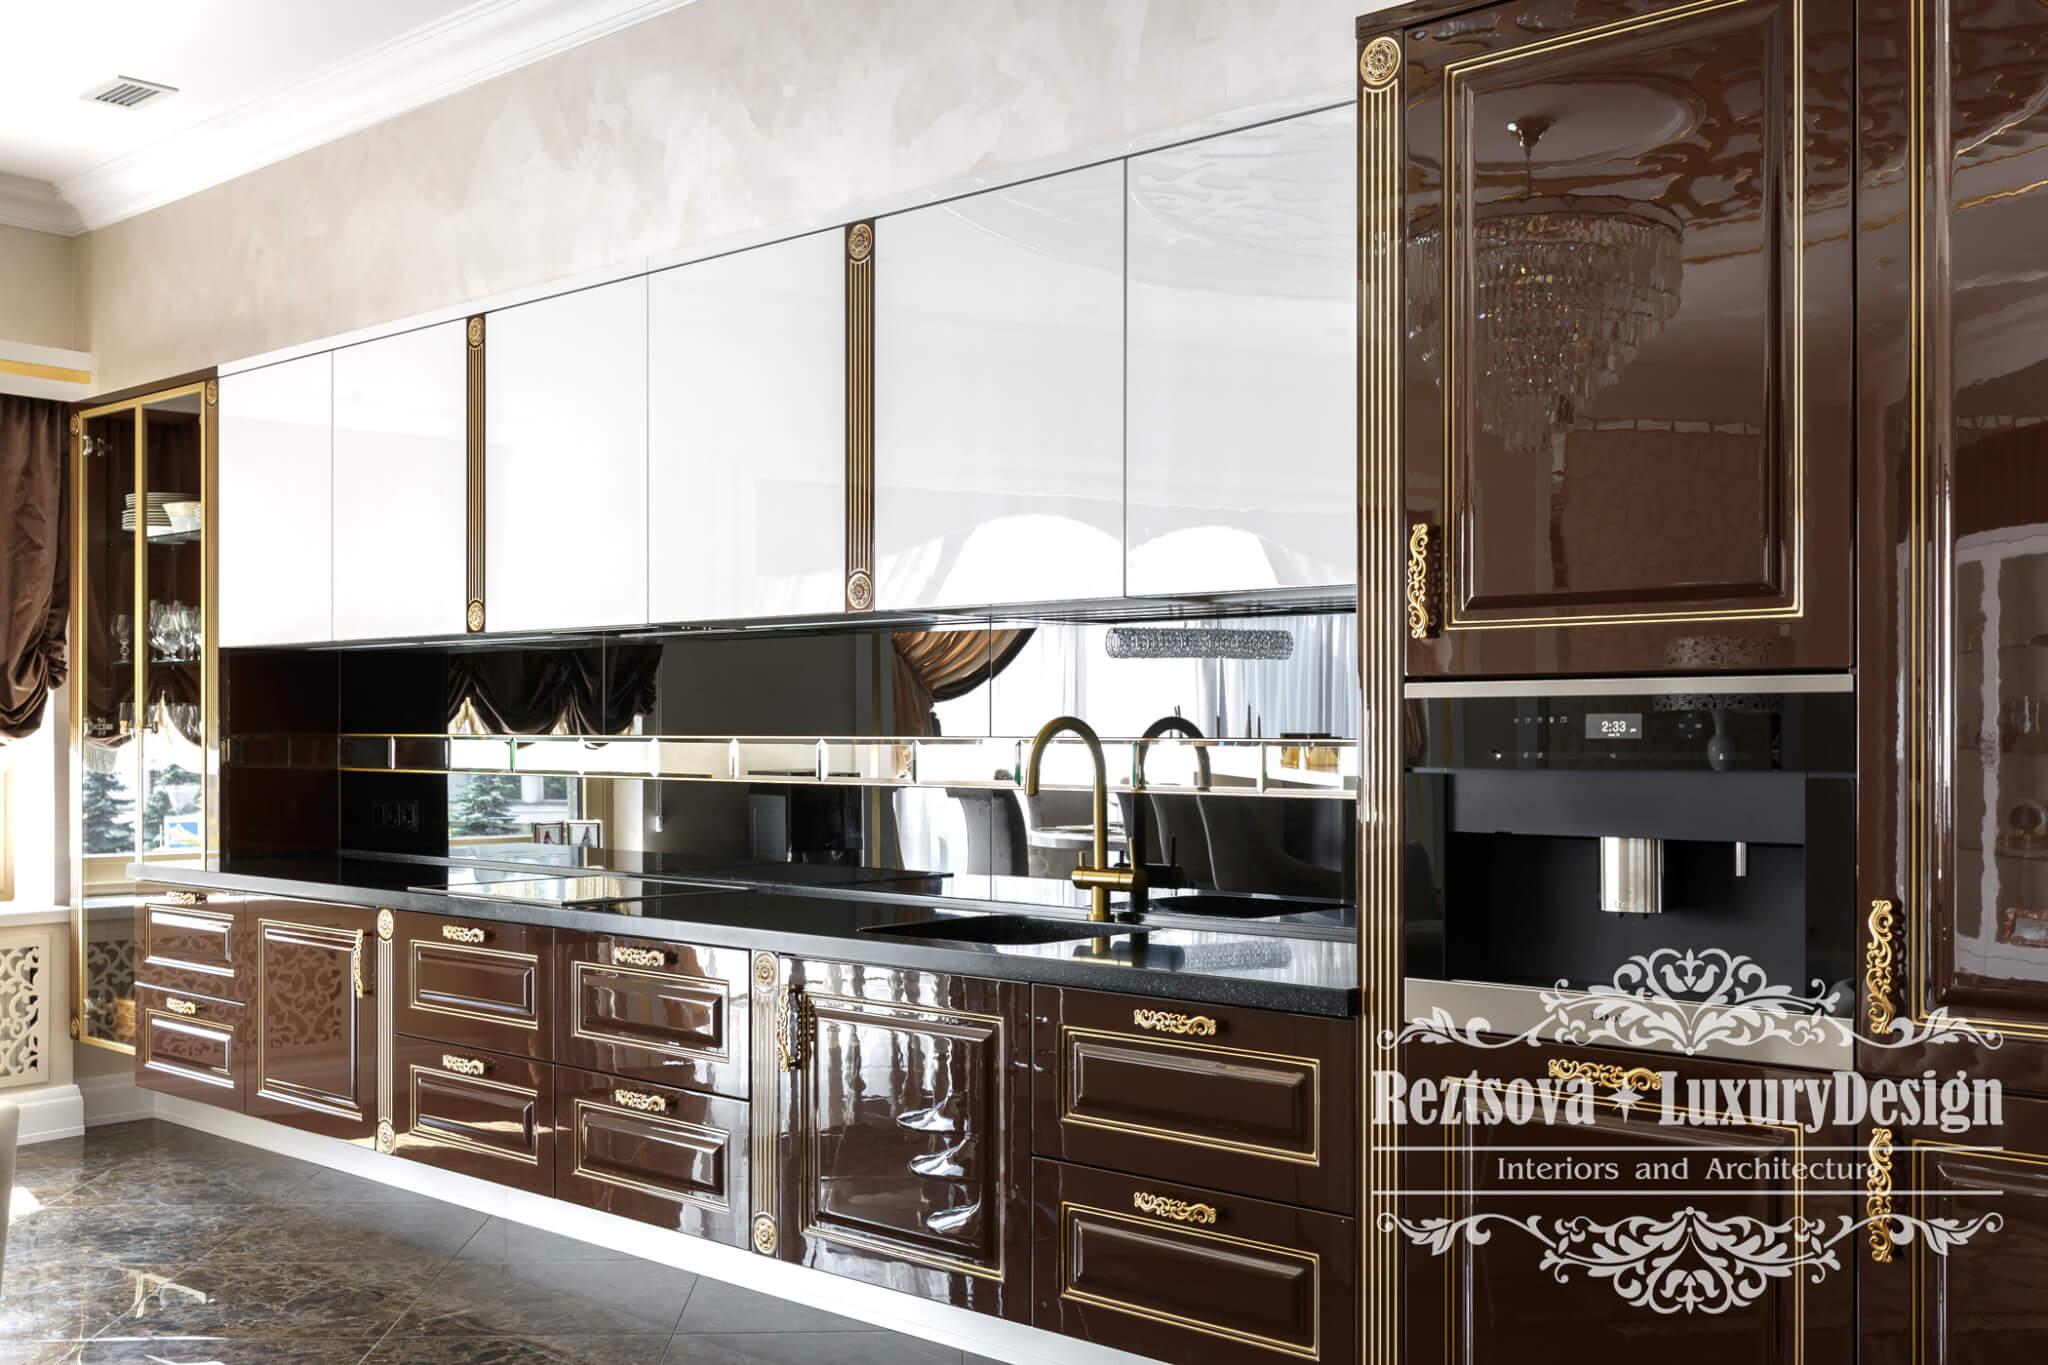 Заказать дизайн интерьера в Санкт Петербурге